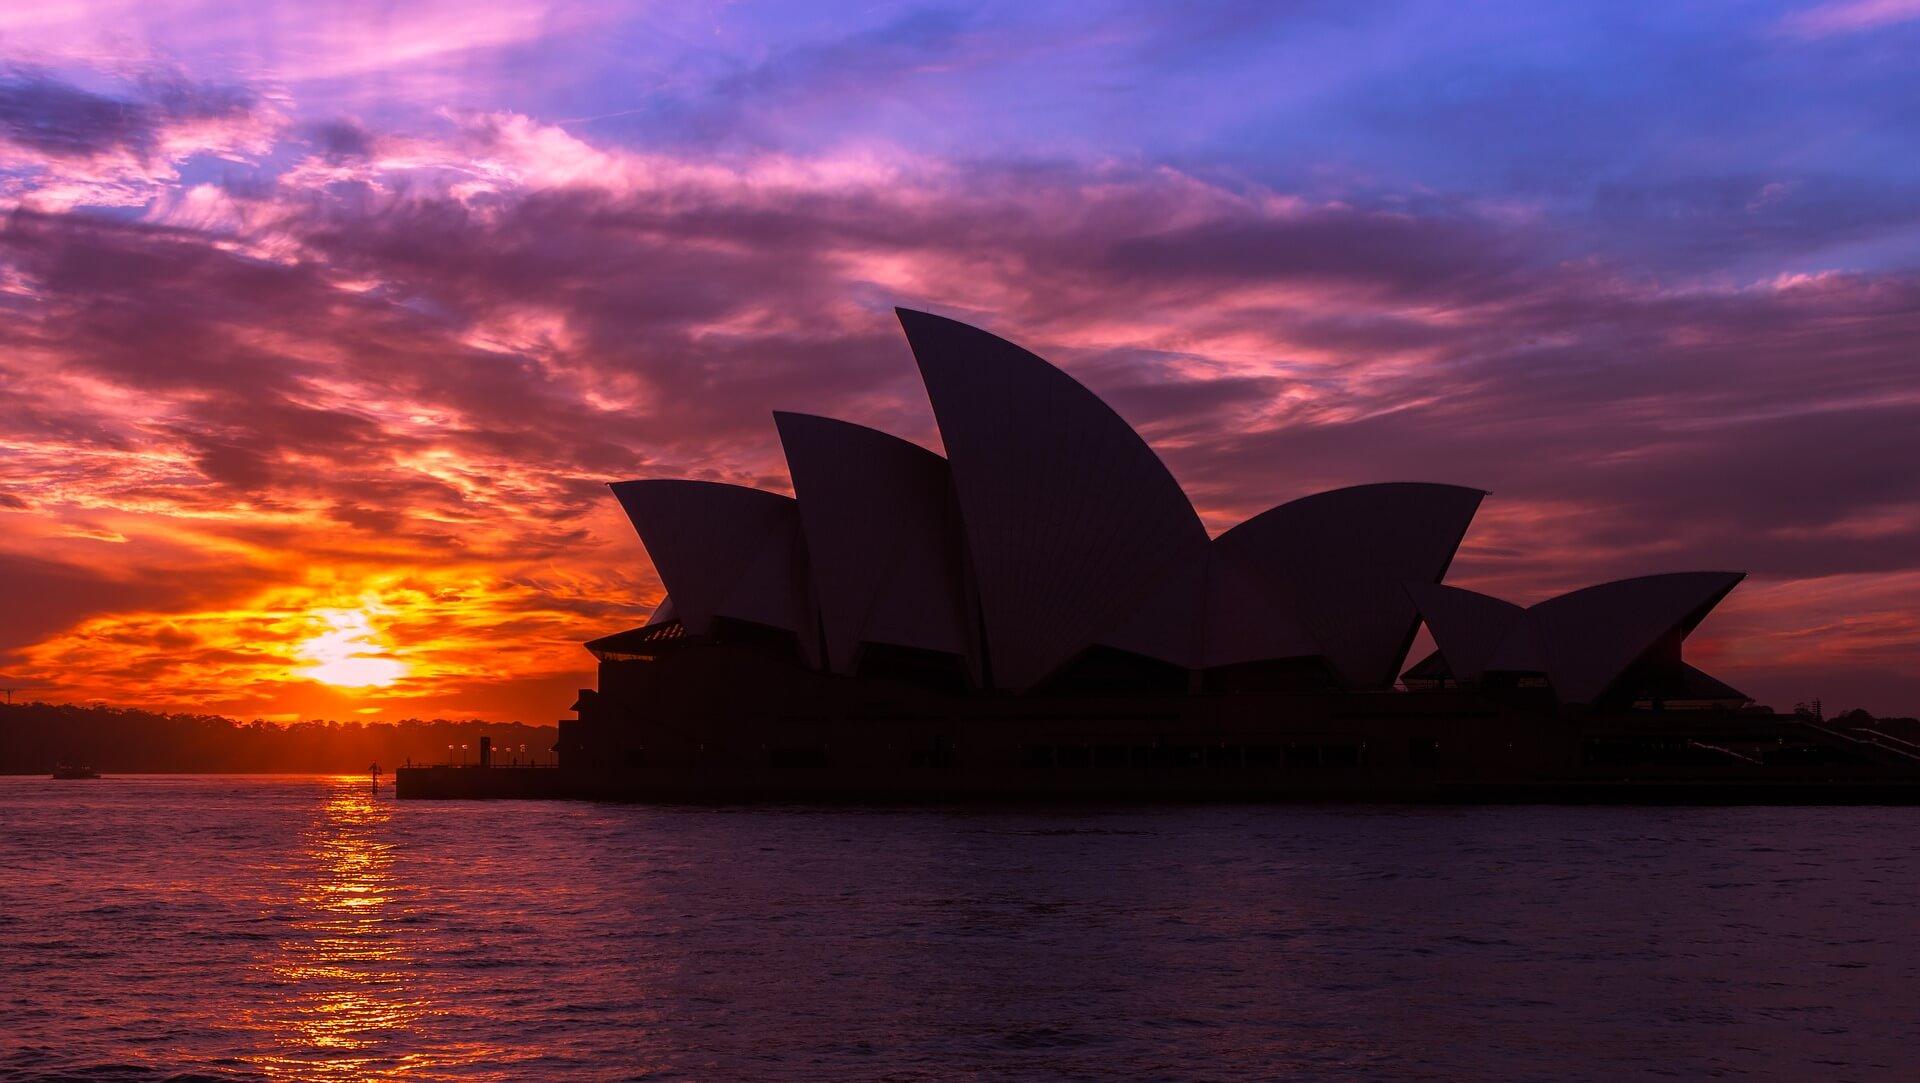 a1 solar- Jelentősen nőtt a napenergia-kiépítés Ausztráliában